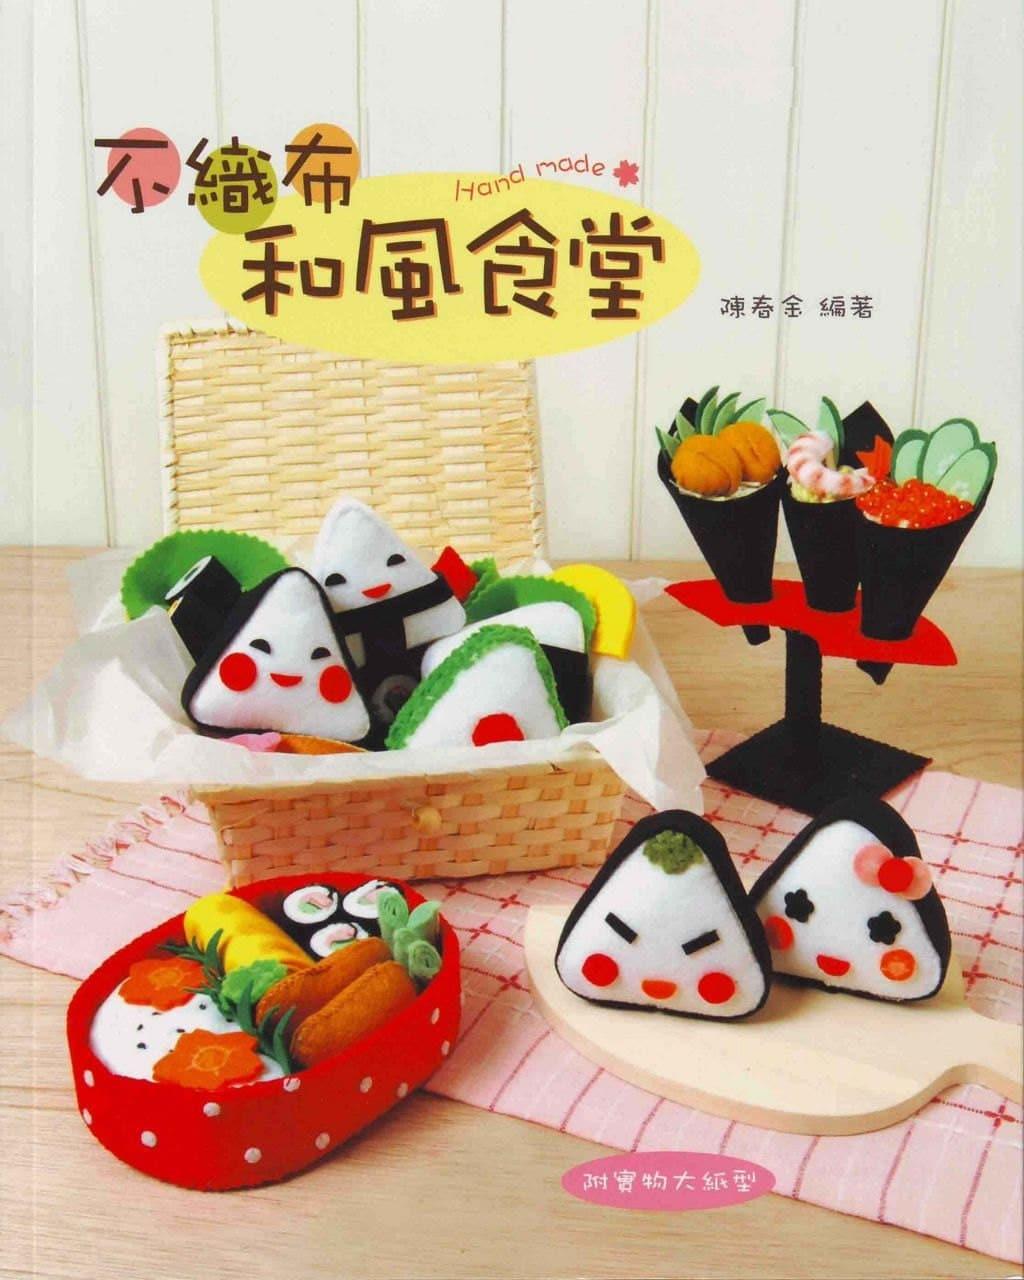 Felt Food Toys R Us : Felt food toys ebook fab sushifelt play